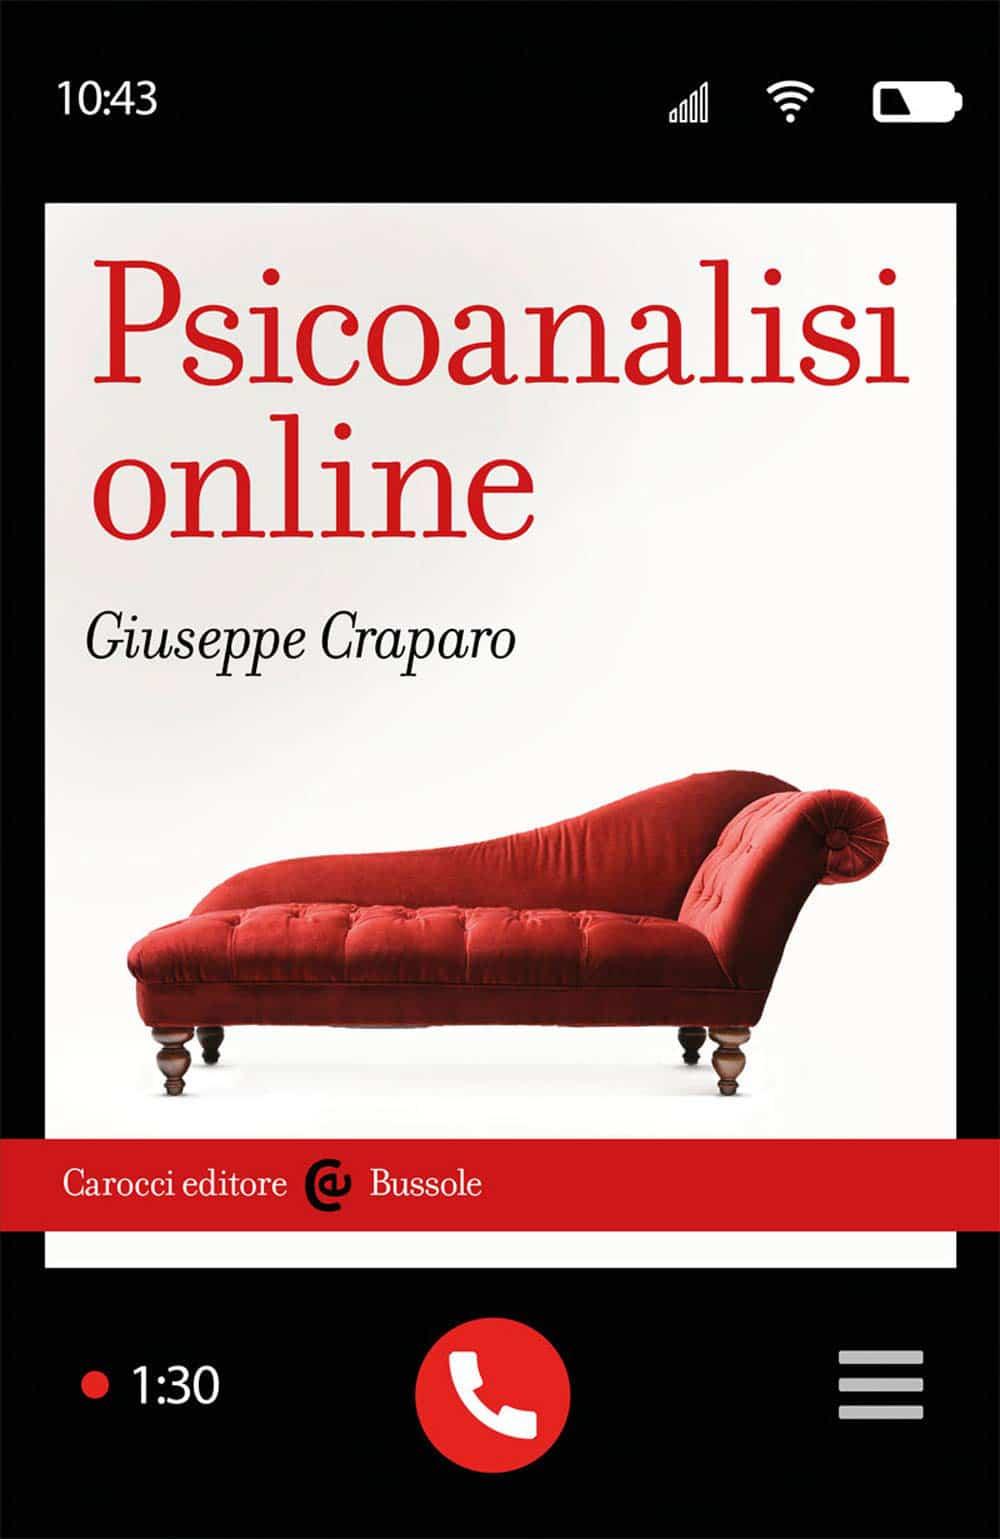 Psicoanalisi online (2020) di Giuseppe Craparo – Recensione del libro